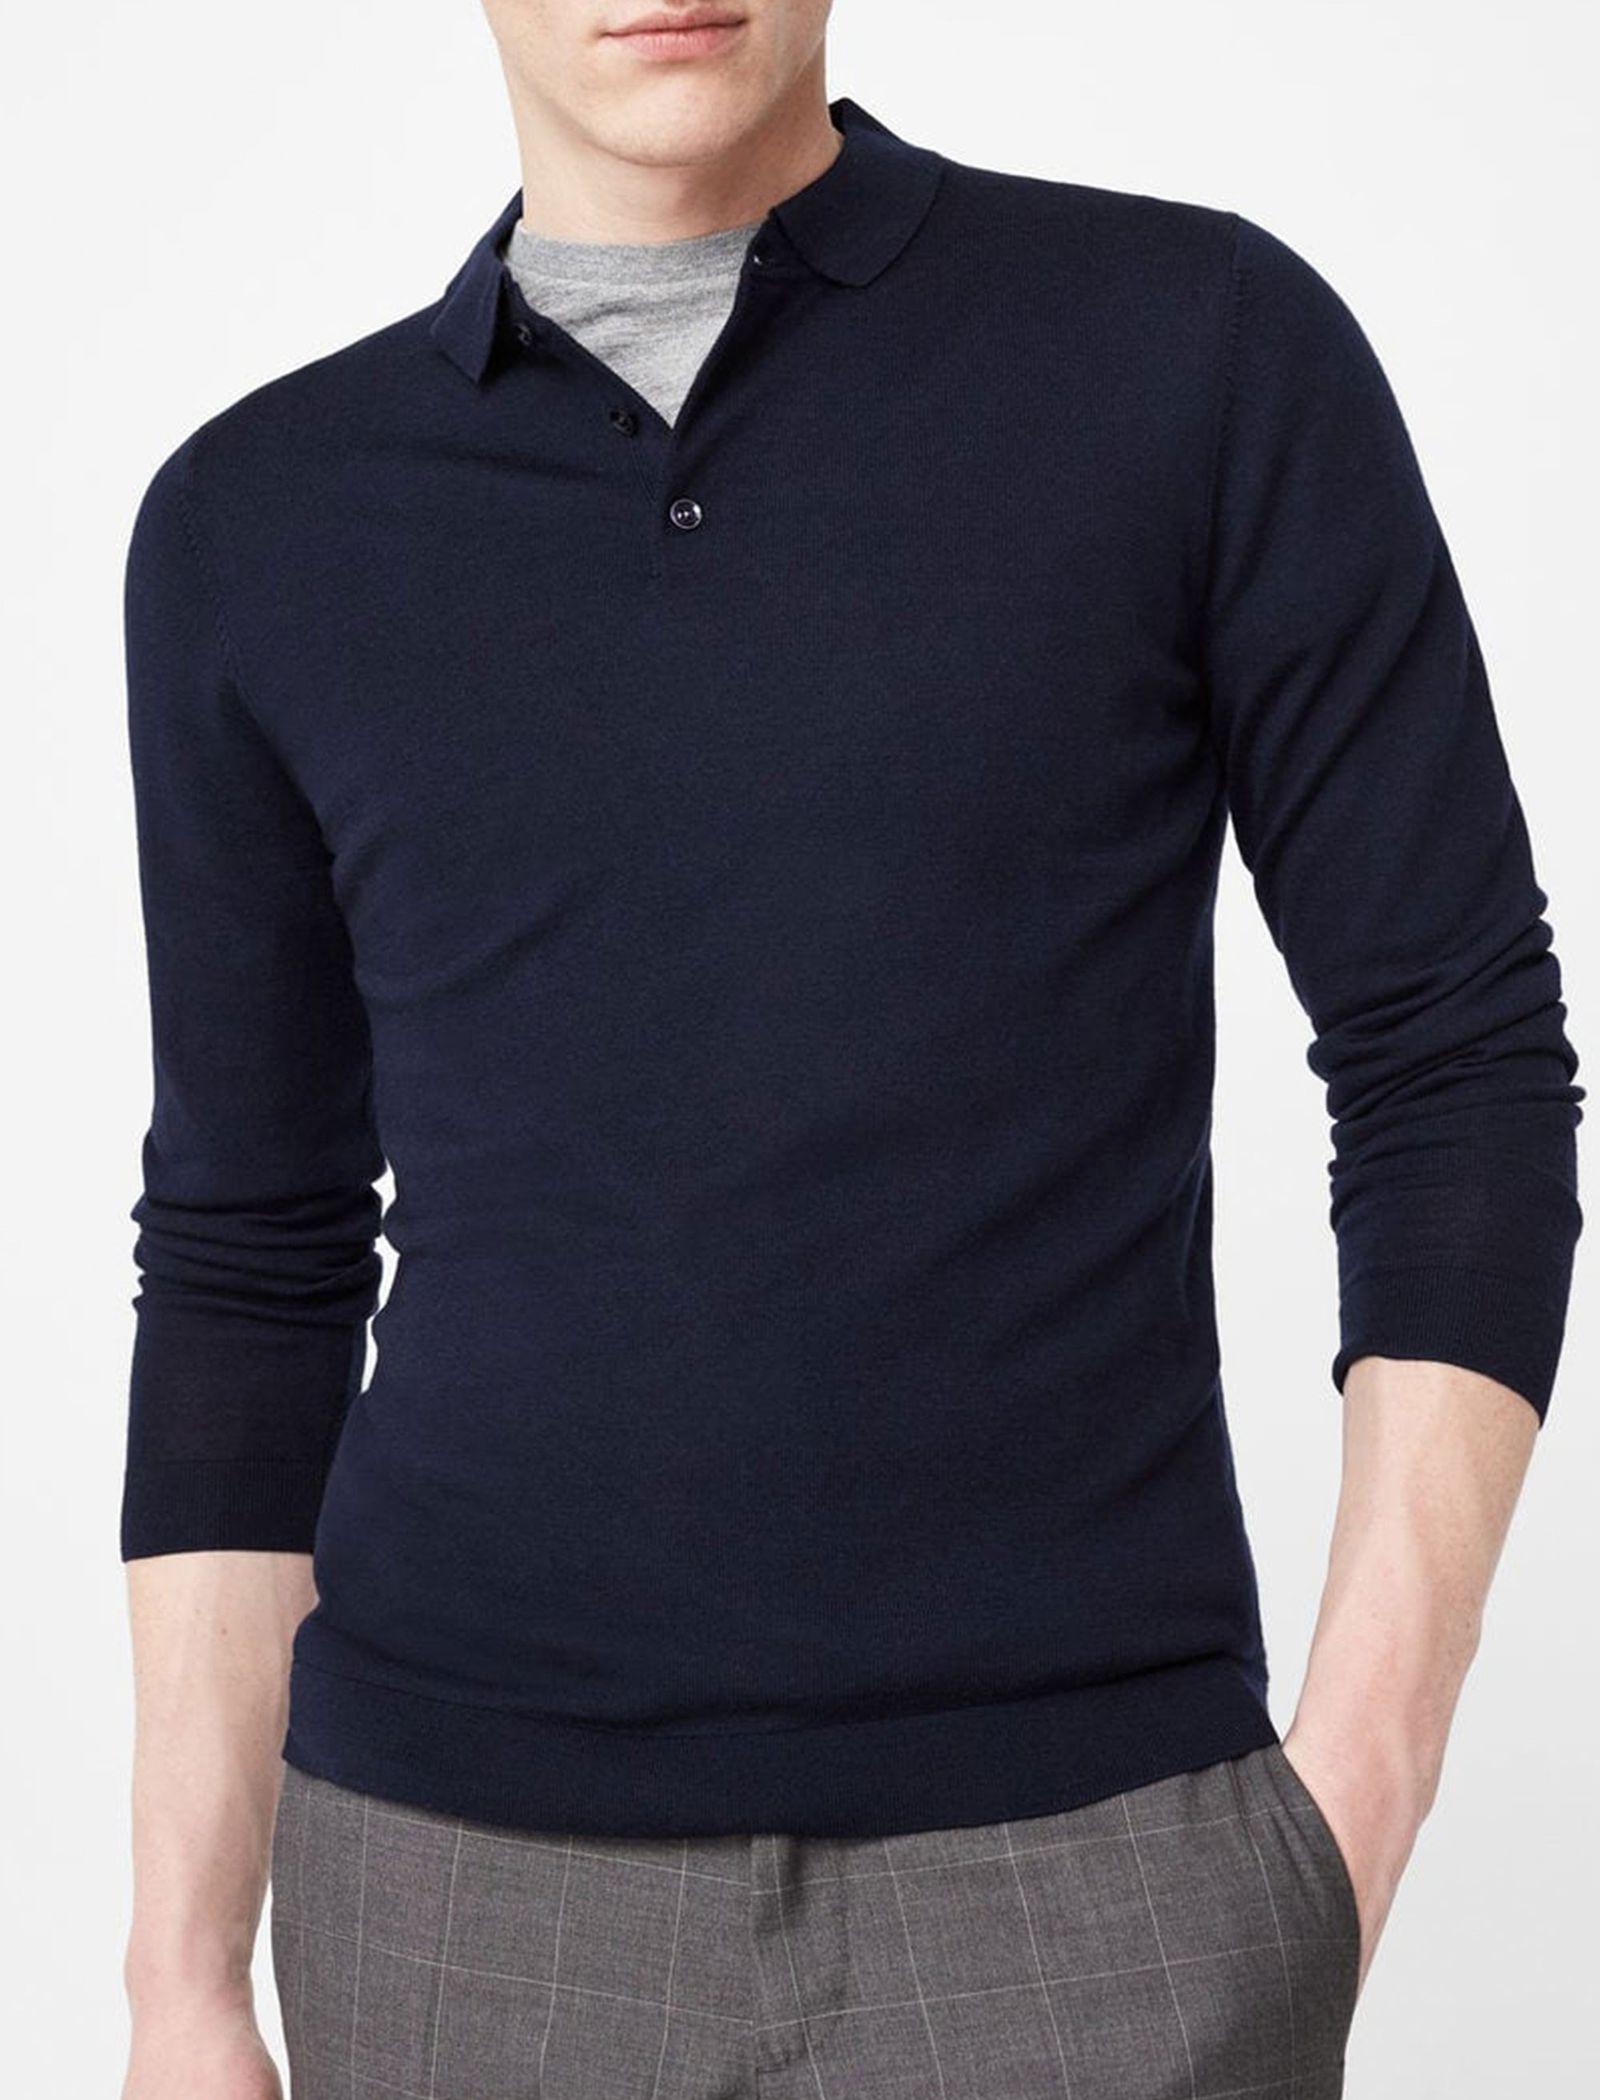 پولوشرت پشمی آستین بلند مردانه - مانگو - سرمه اي - 2